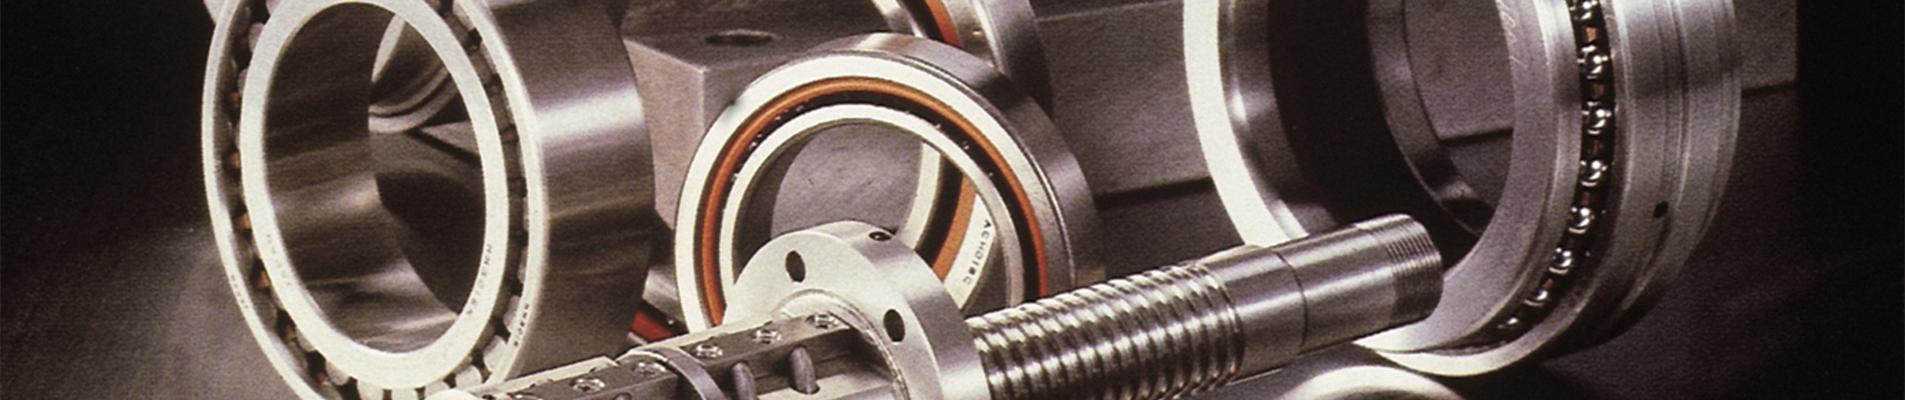 banner-market-manufacturing-bearing